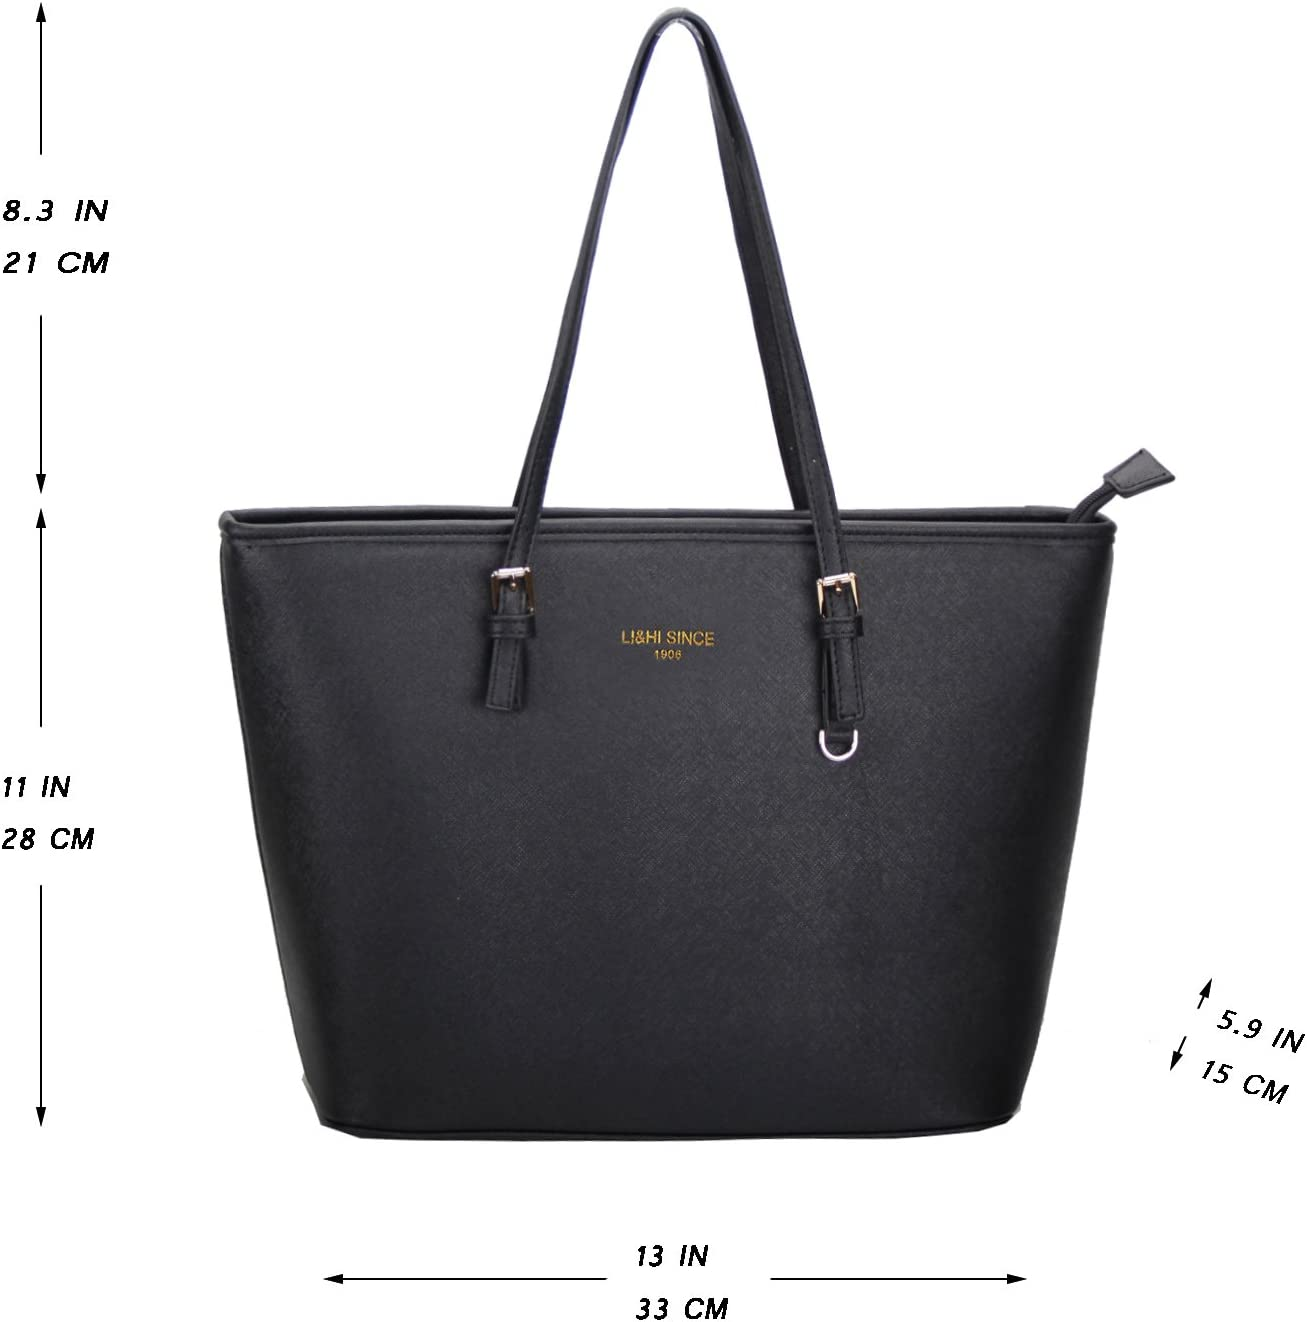 Sac a Main Femme Fanspack Sac /à Bandouli/ère Mode Fourre Tout Besace Femme Sac Cabas Noir